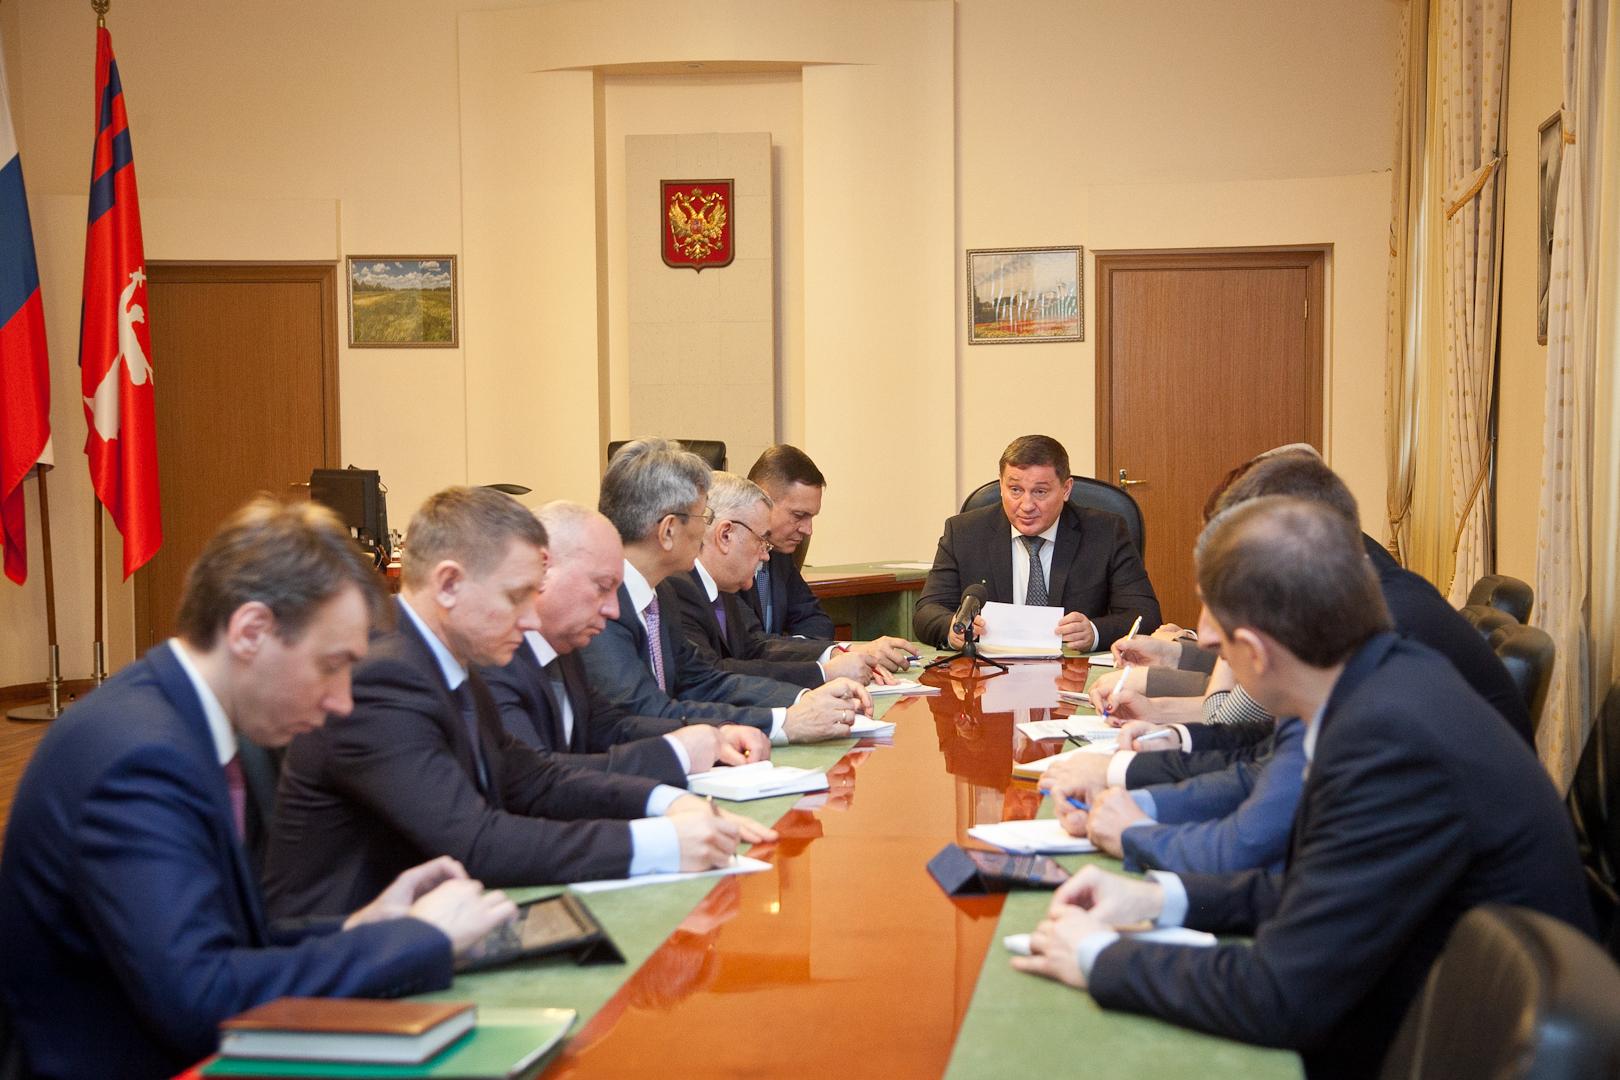 Фермеры Волгоградской области получат 660 млн руб. несвязной поддержки изфедерального бюджета